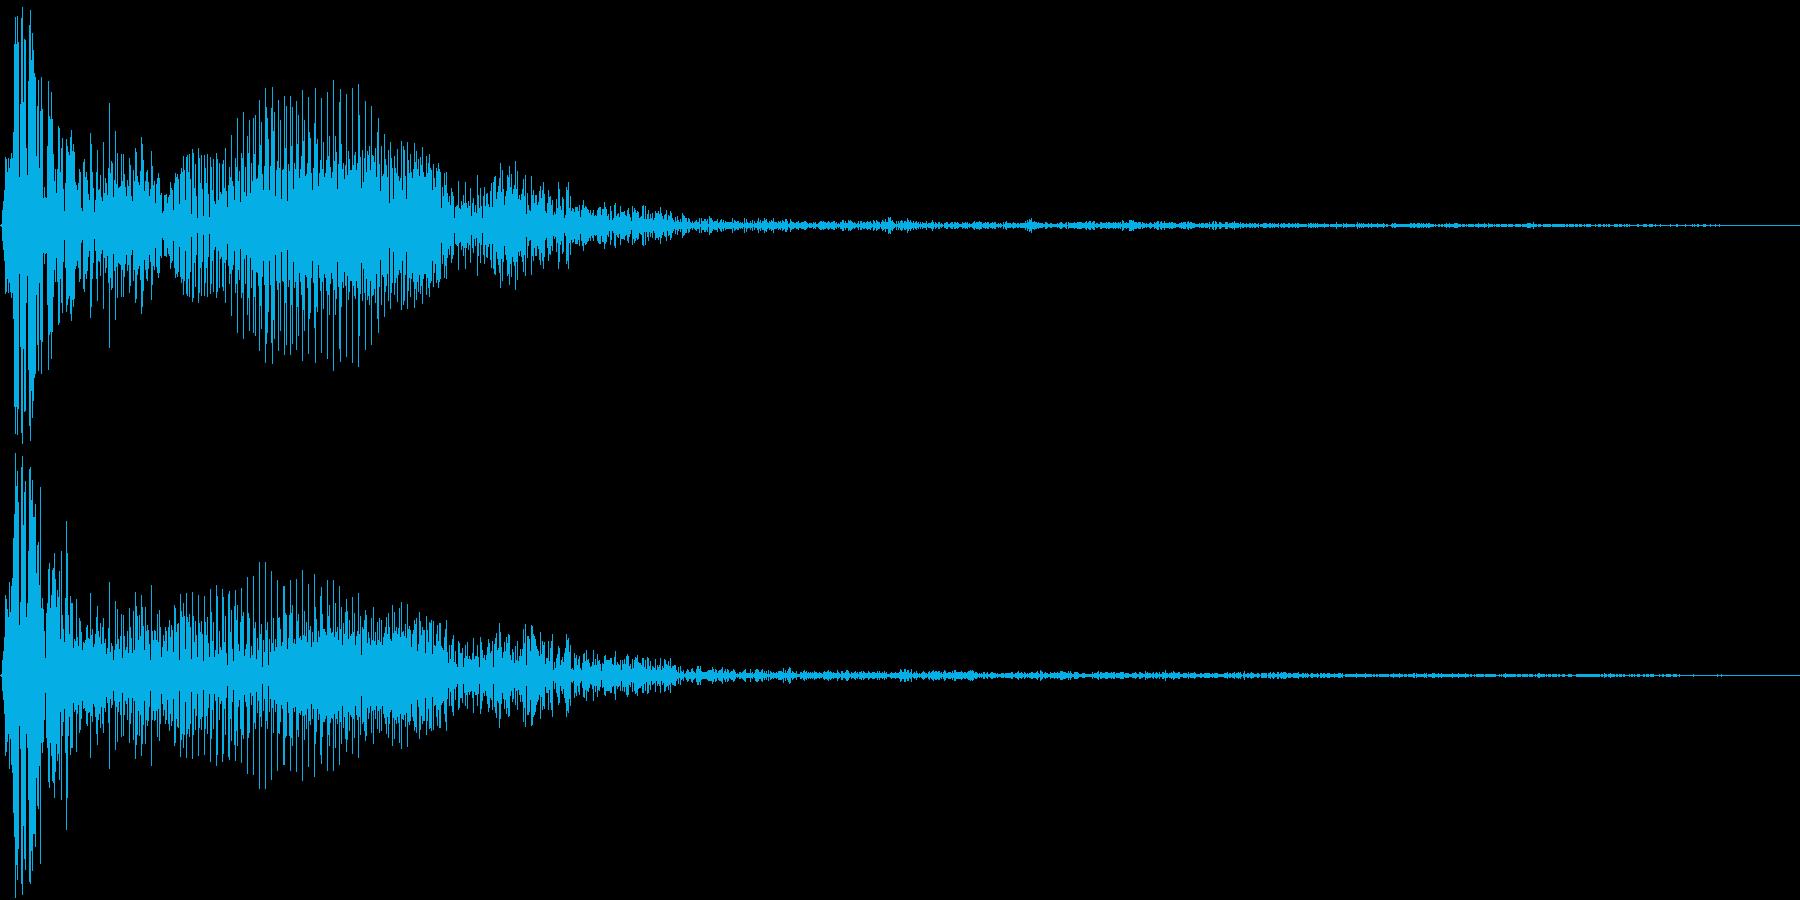 Mogura モグラ叩きピコハンHit音の再生済みの波形